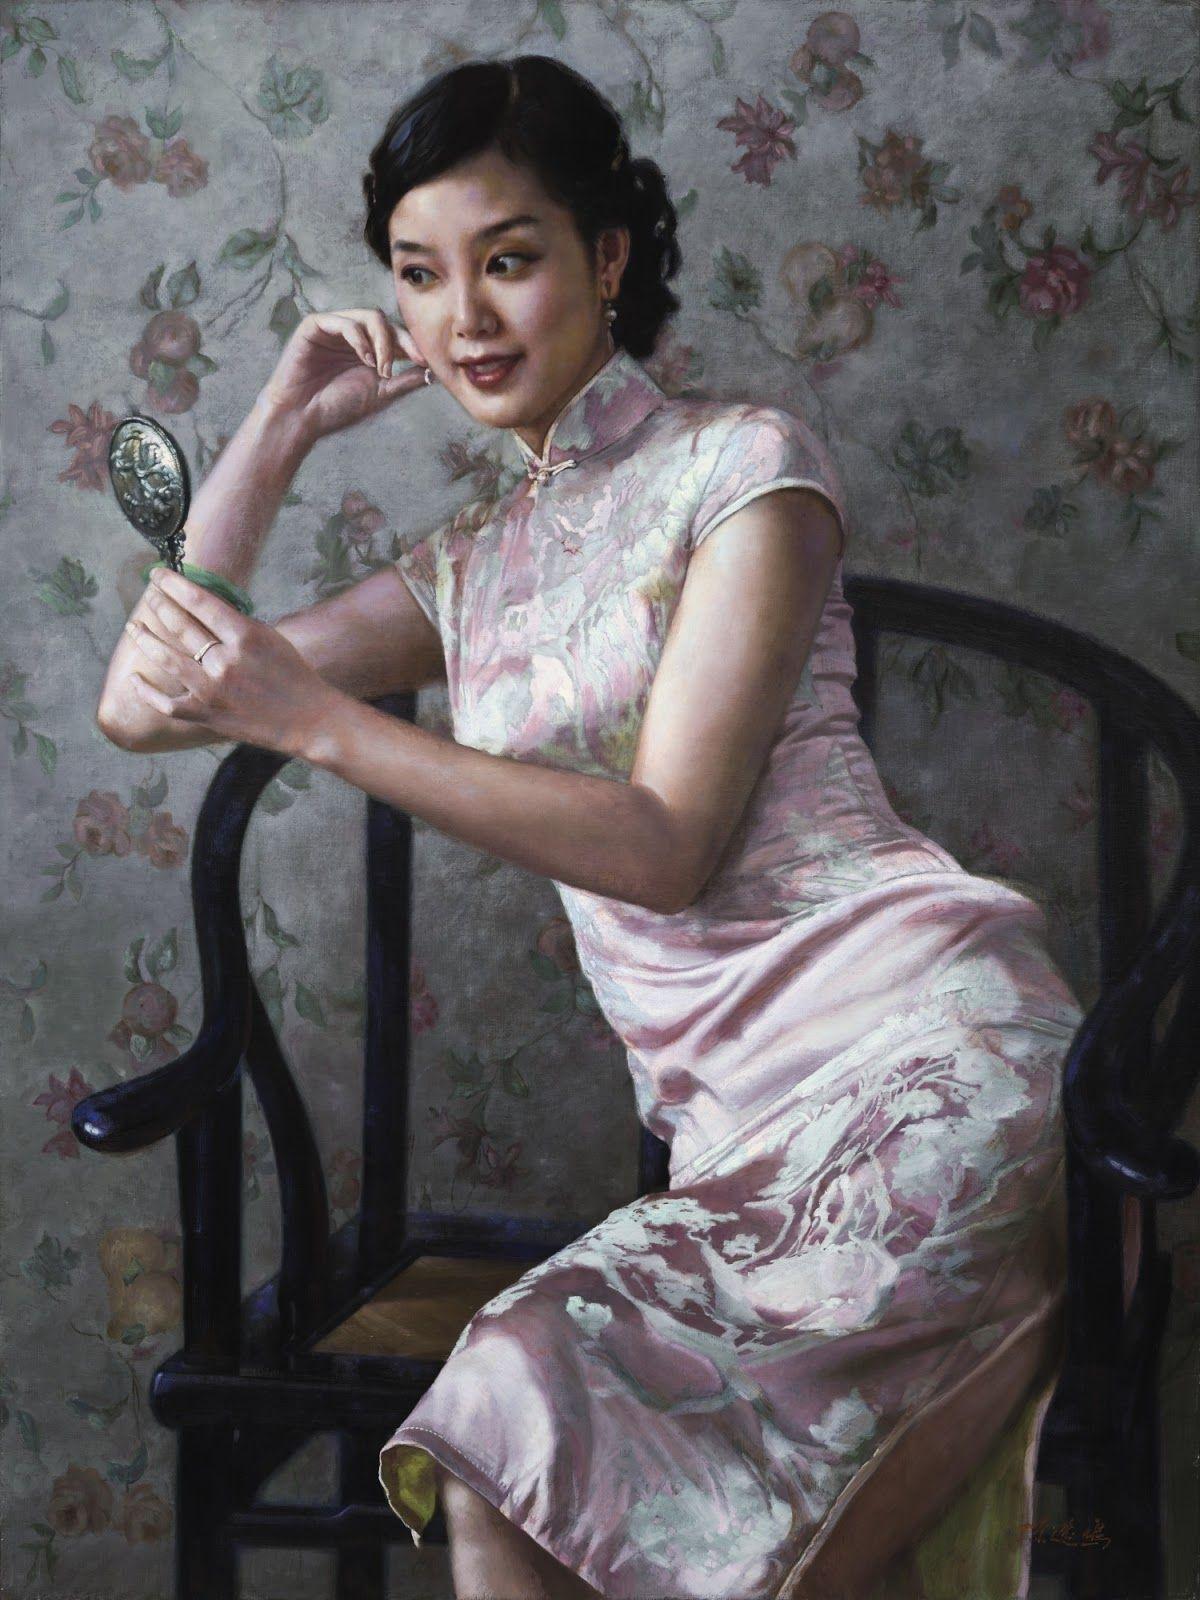 陈逸鸣(Chen Yiming)...   Kai Fine Art